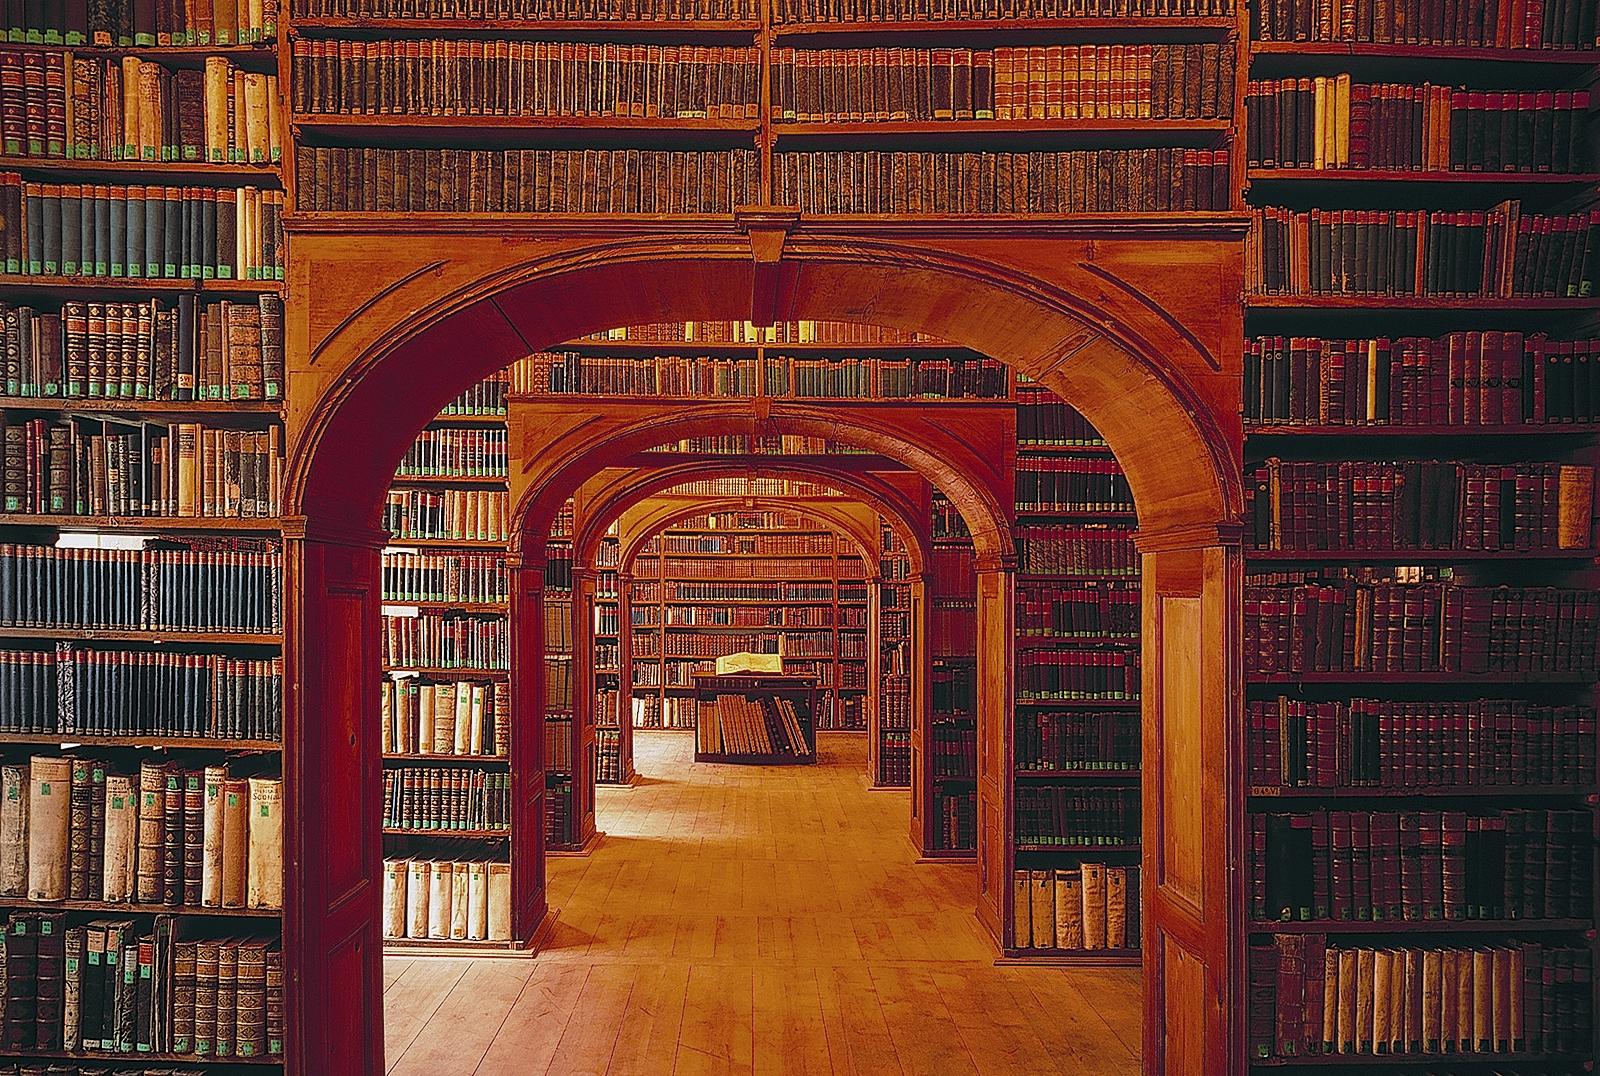 Bibliotehk